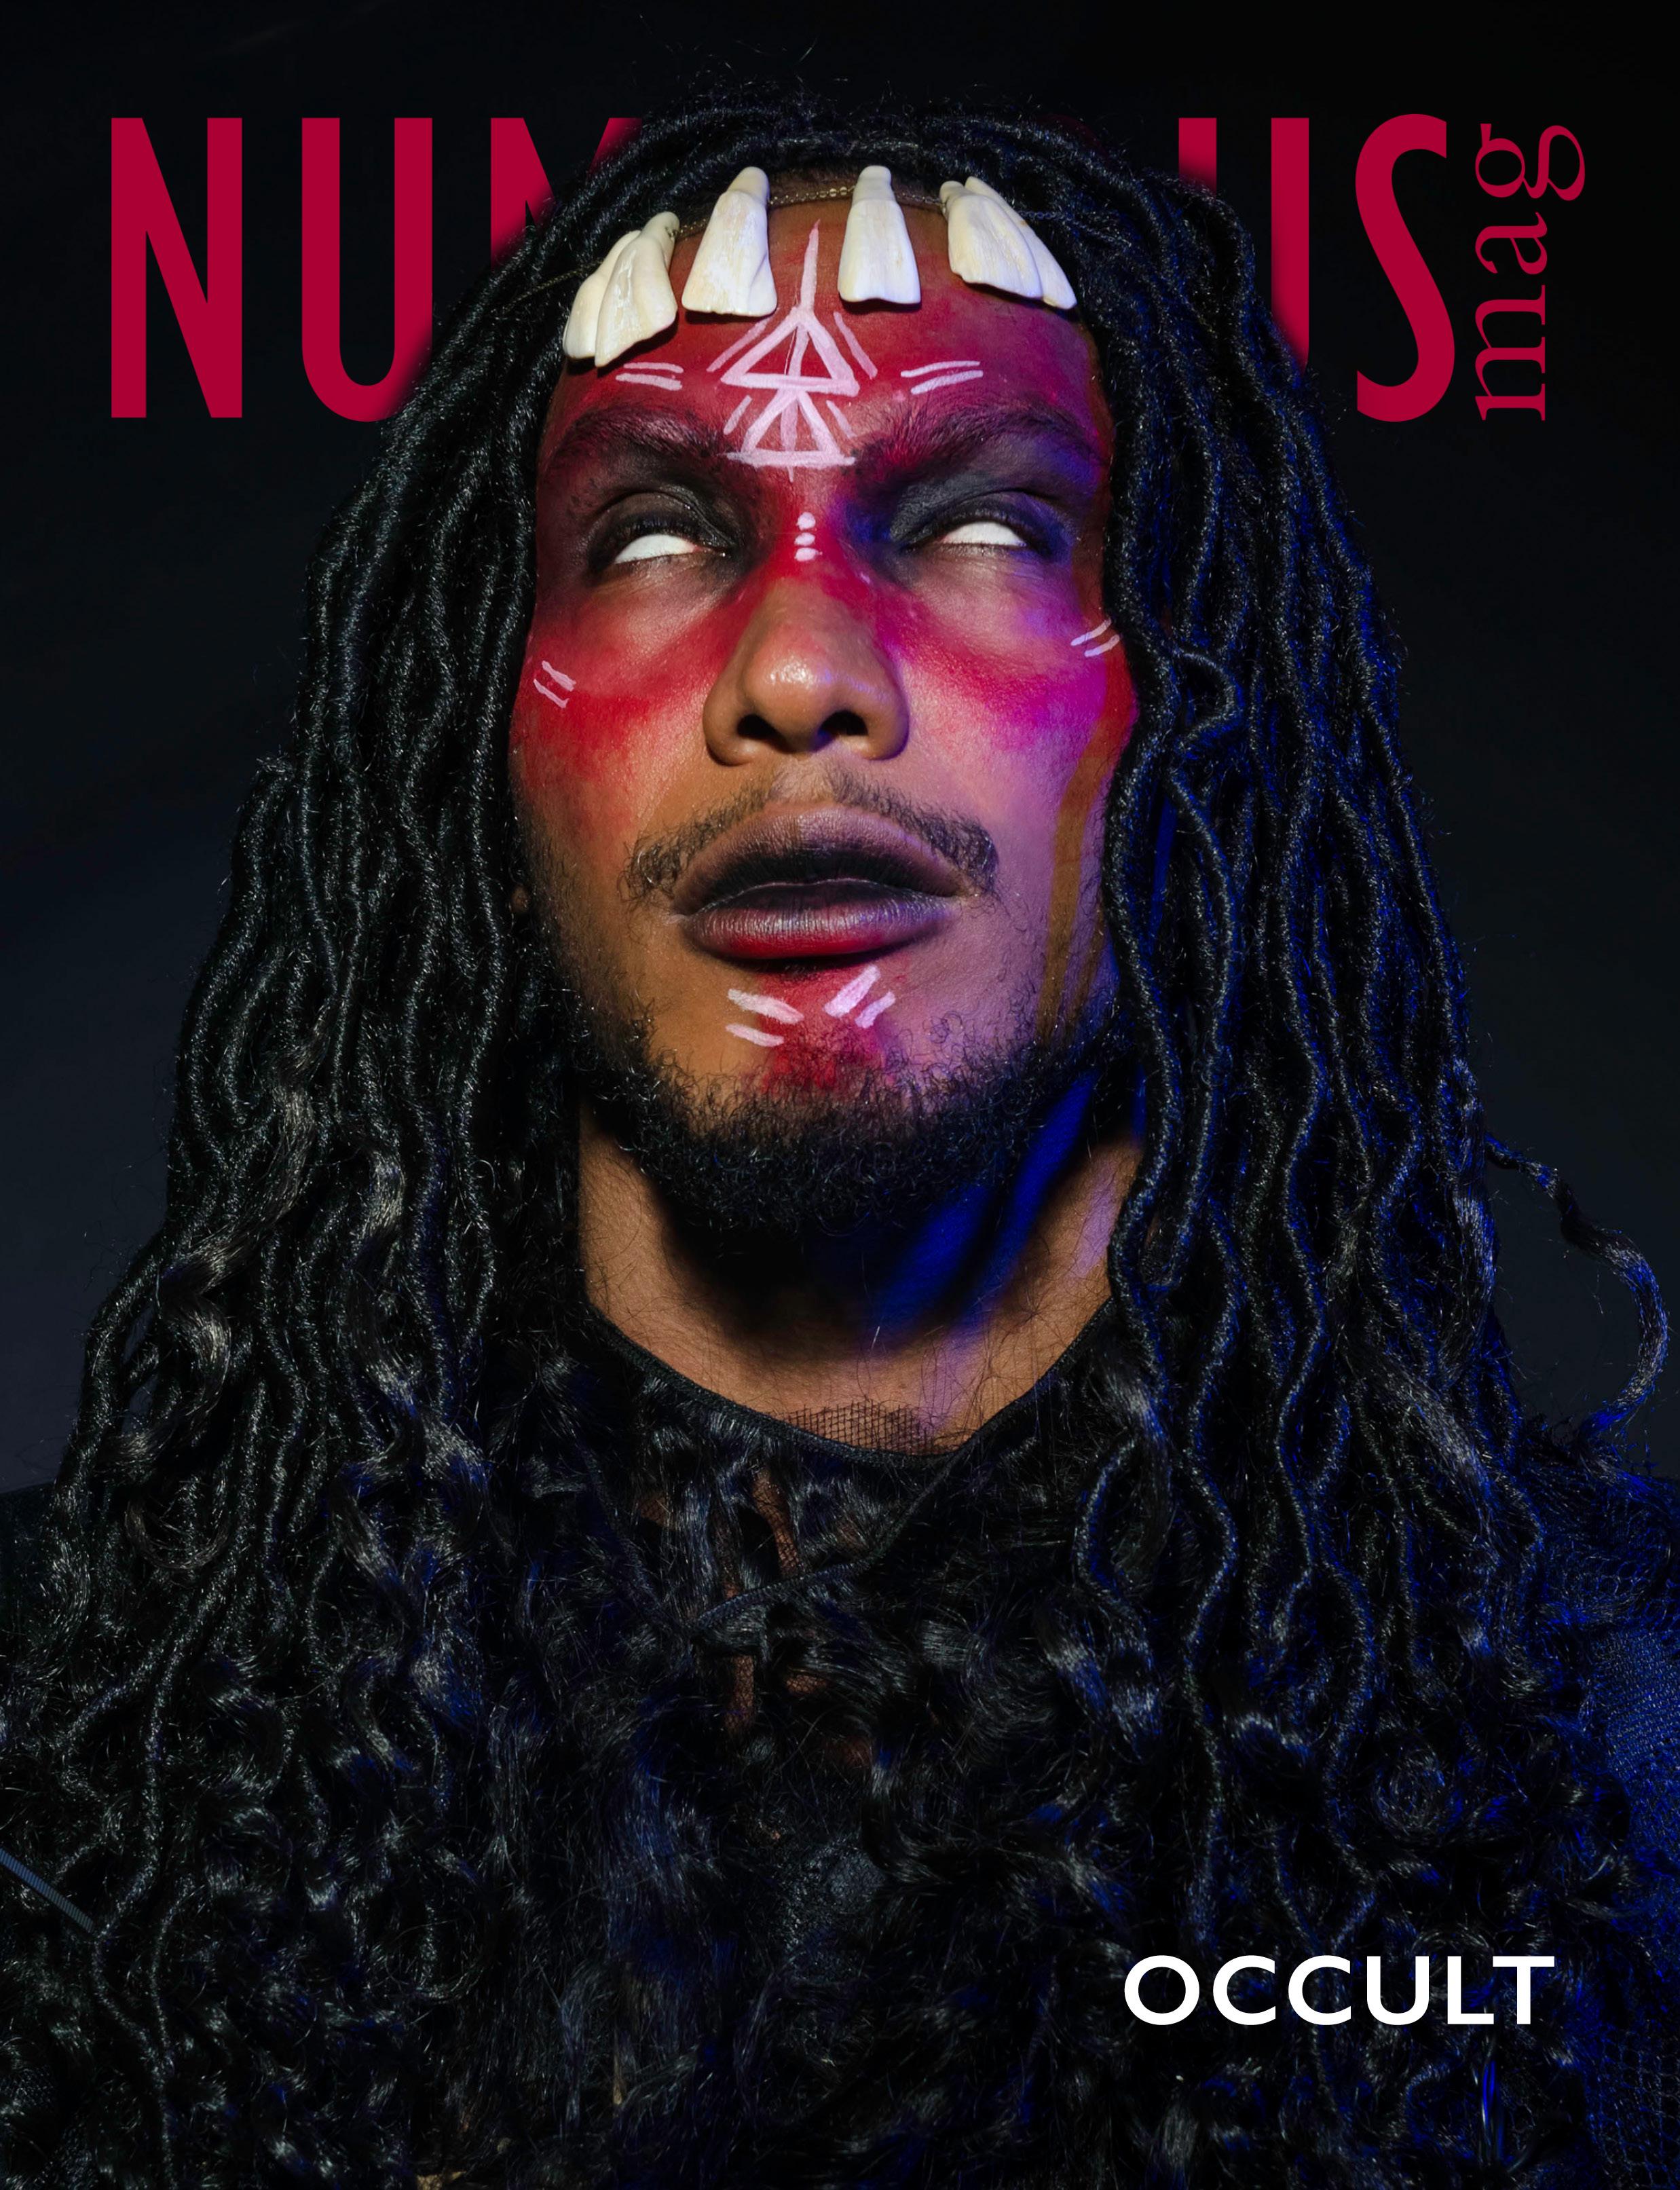 Issue #24: OCCULT  Released September 2019